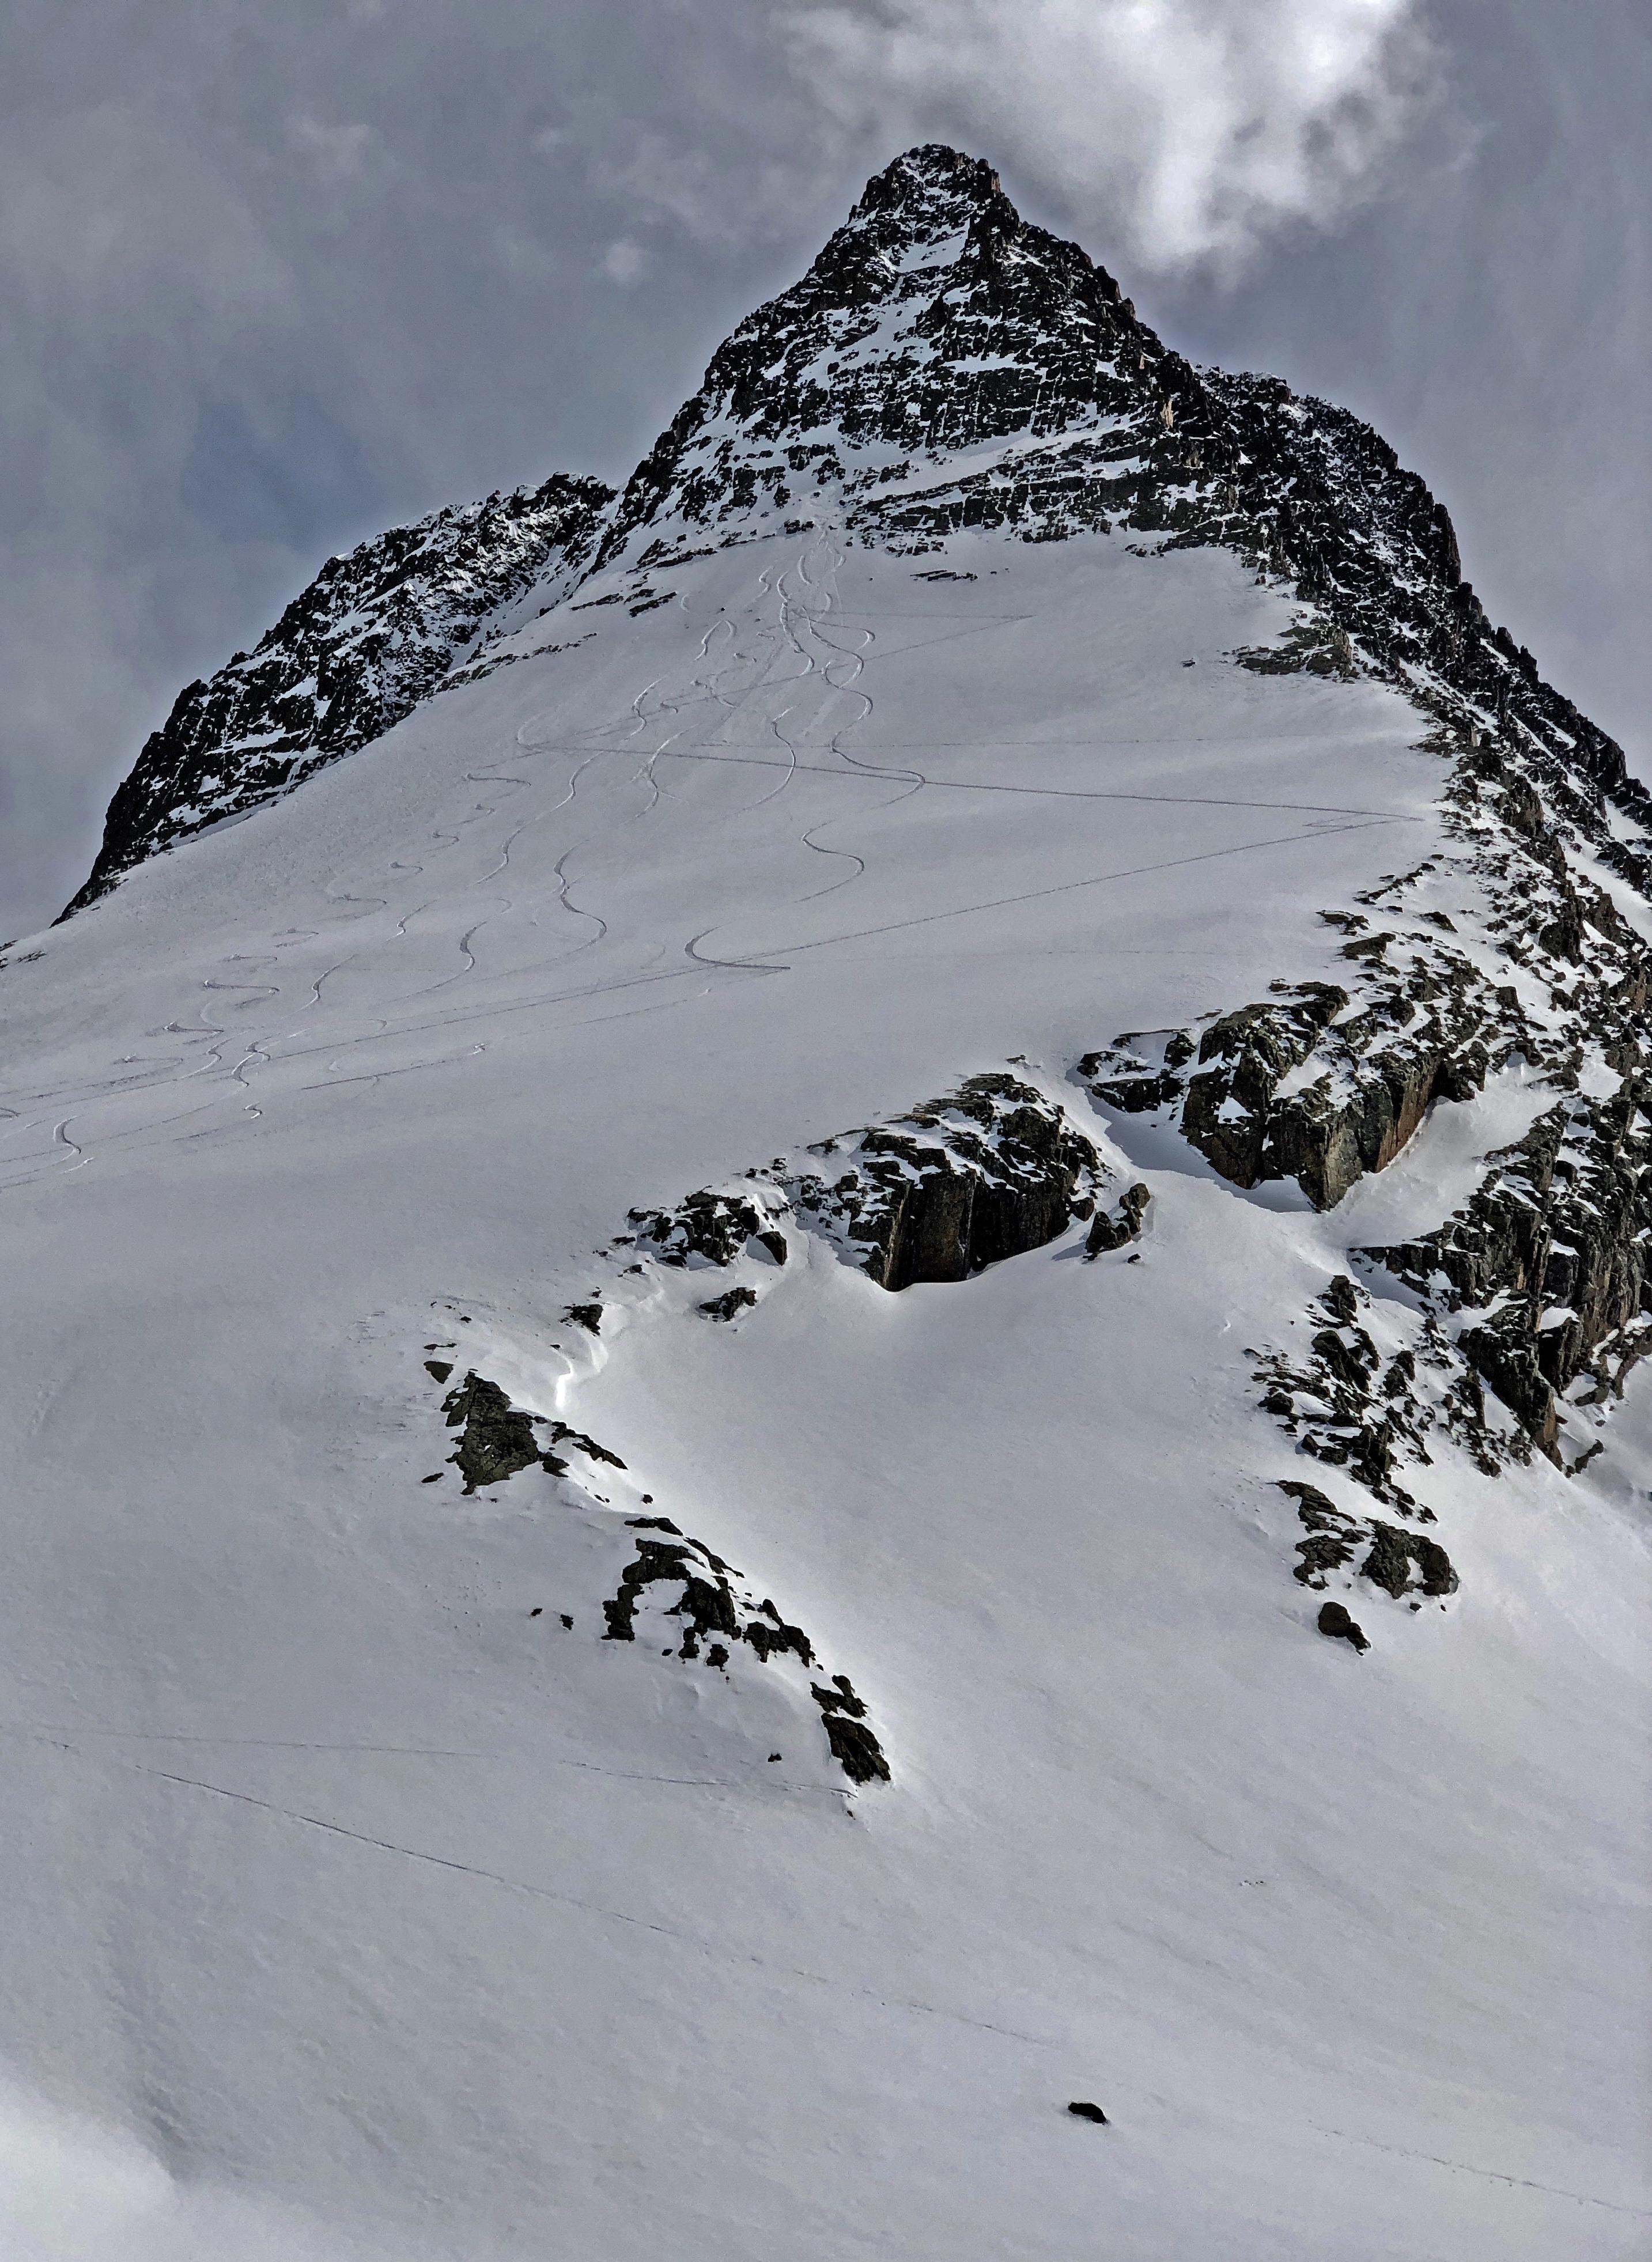 Wham Ridge